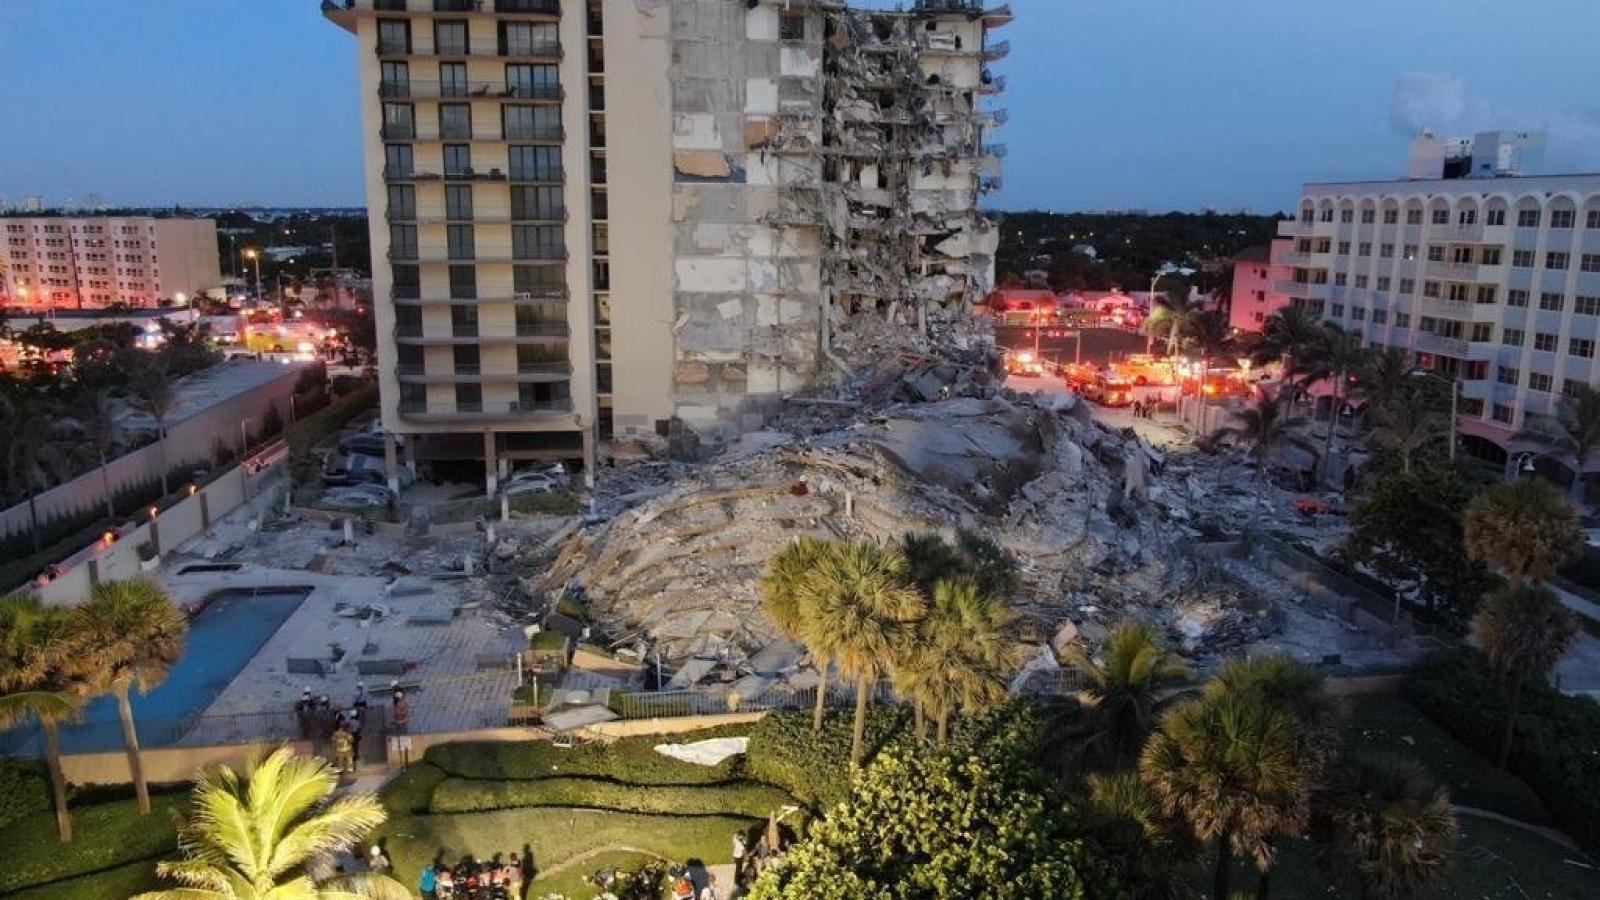 Vụ sập nhà tại Mỹ: Trong số các nạn nhân có nhiều công dân nước ngoài